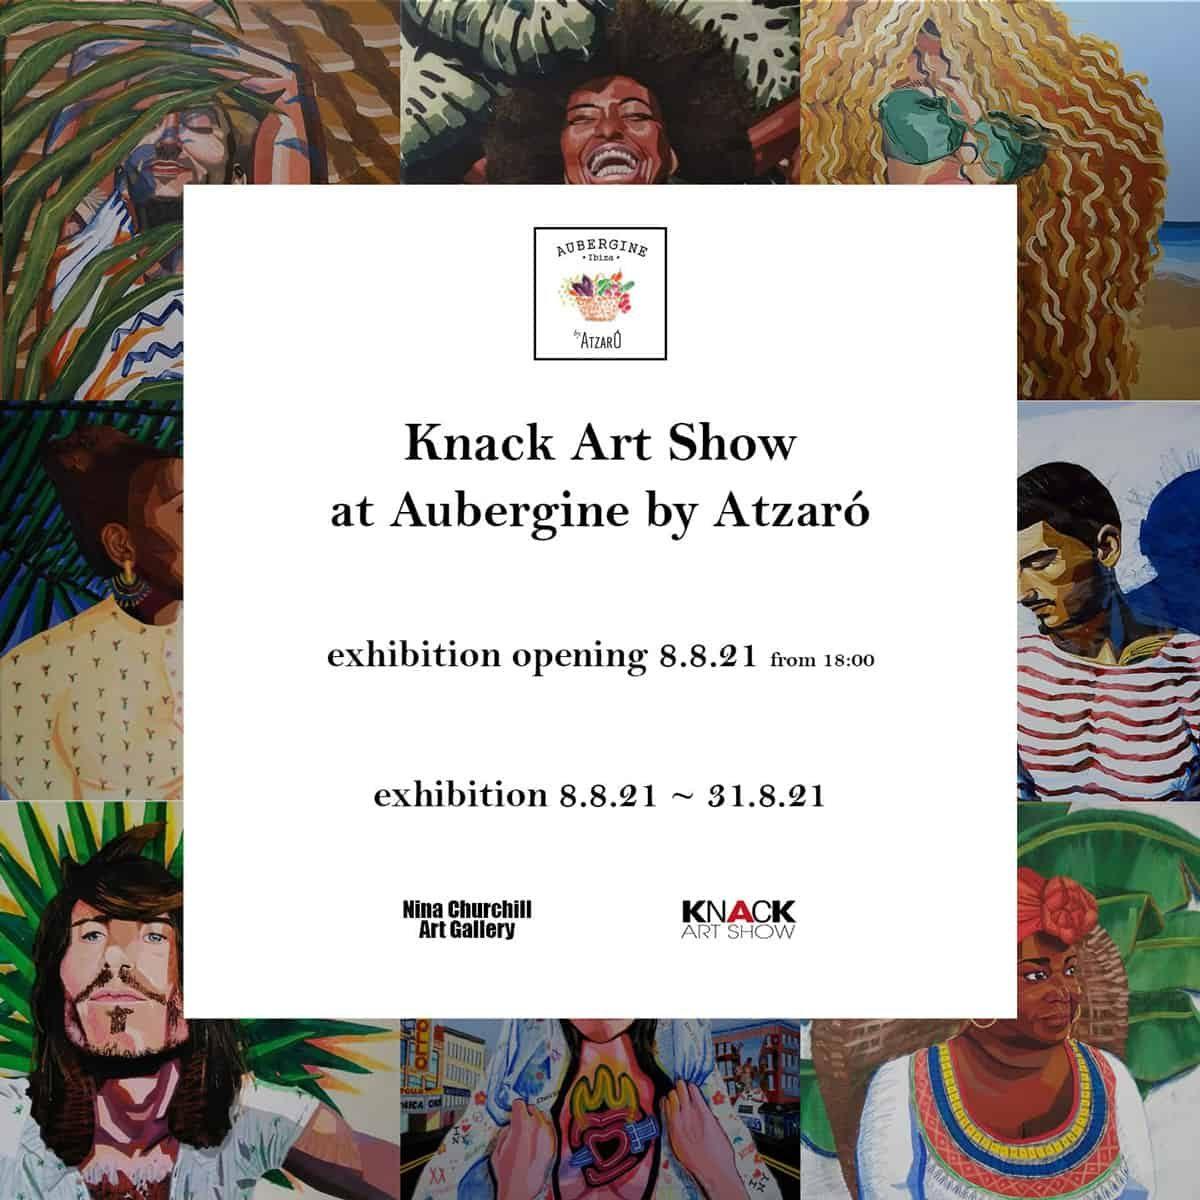 restaurant-aubergine-ibiza-2021-ausstellung-knack-art-show-welcometoibiza